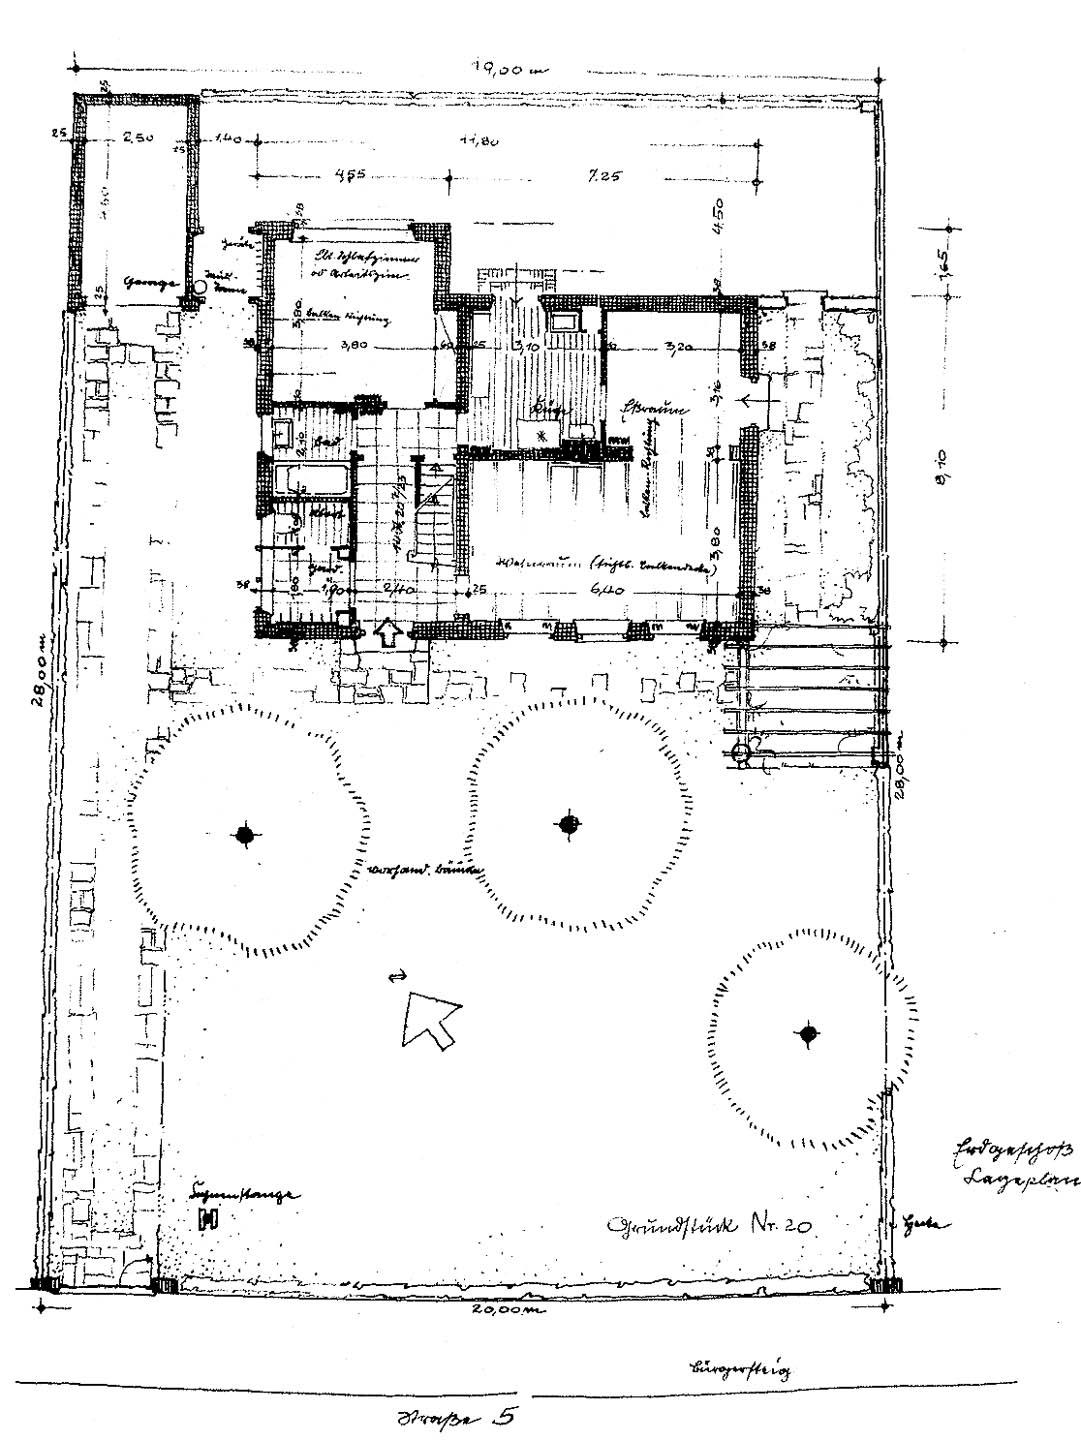 Siedlungshaus grundriss die gestaltung der h user b die for Japanisches haus grundriss